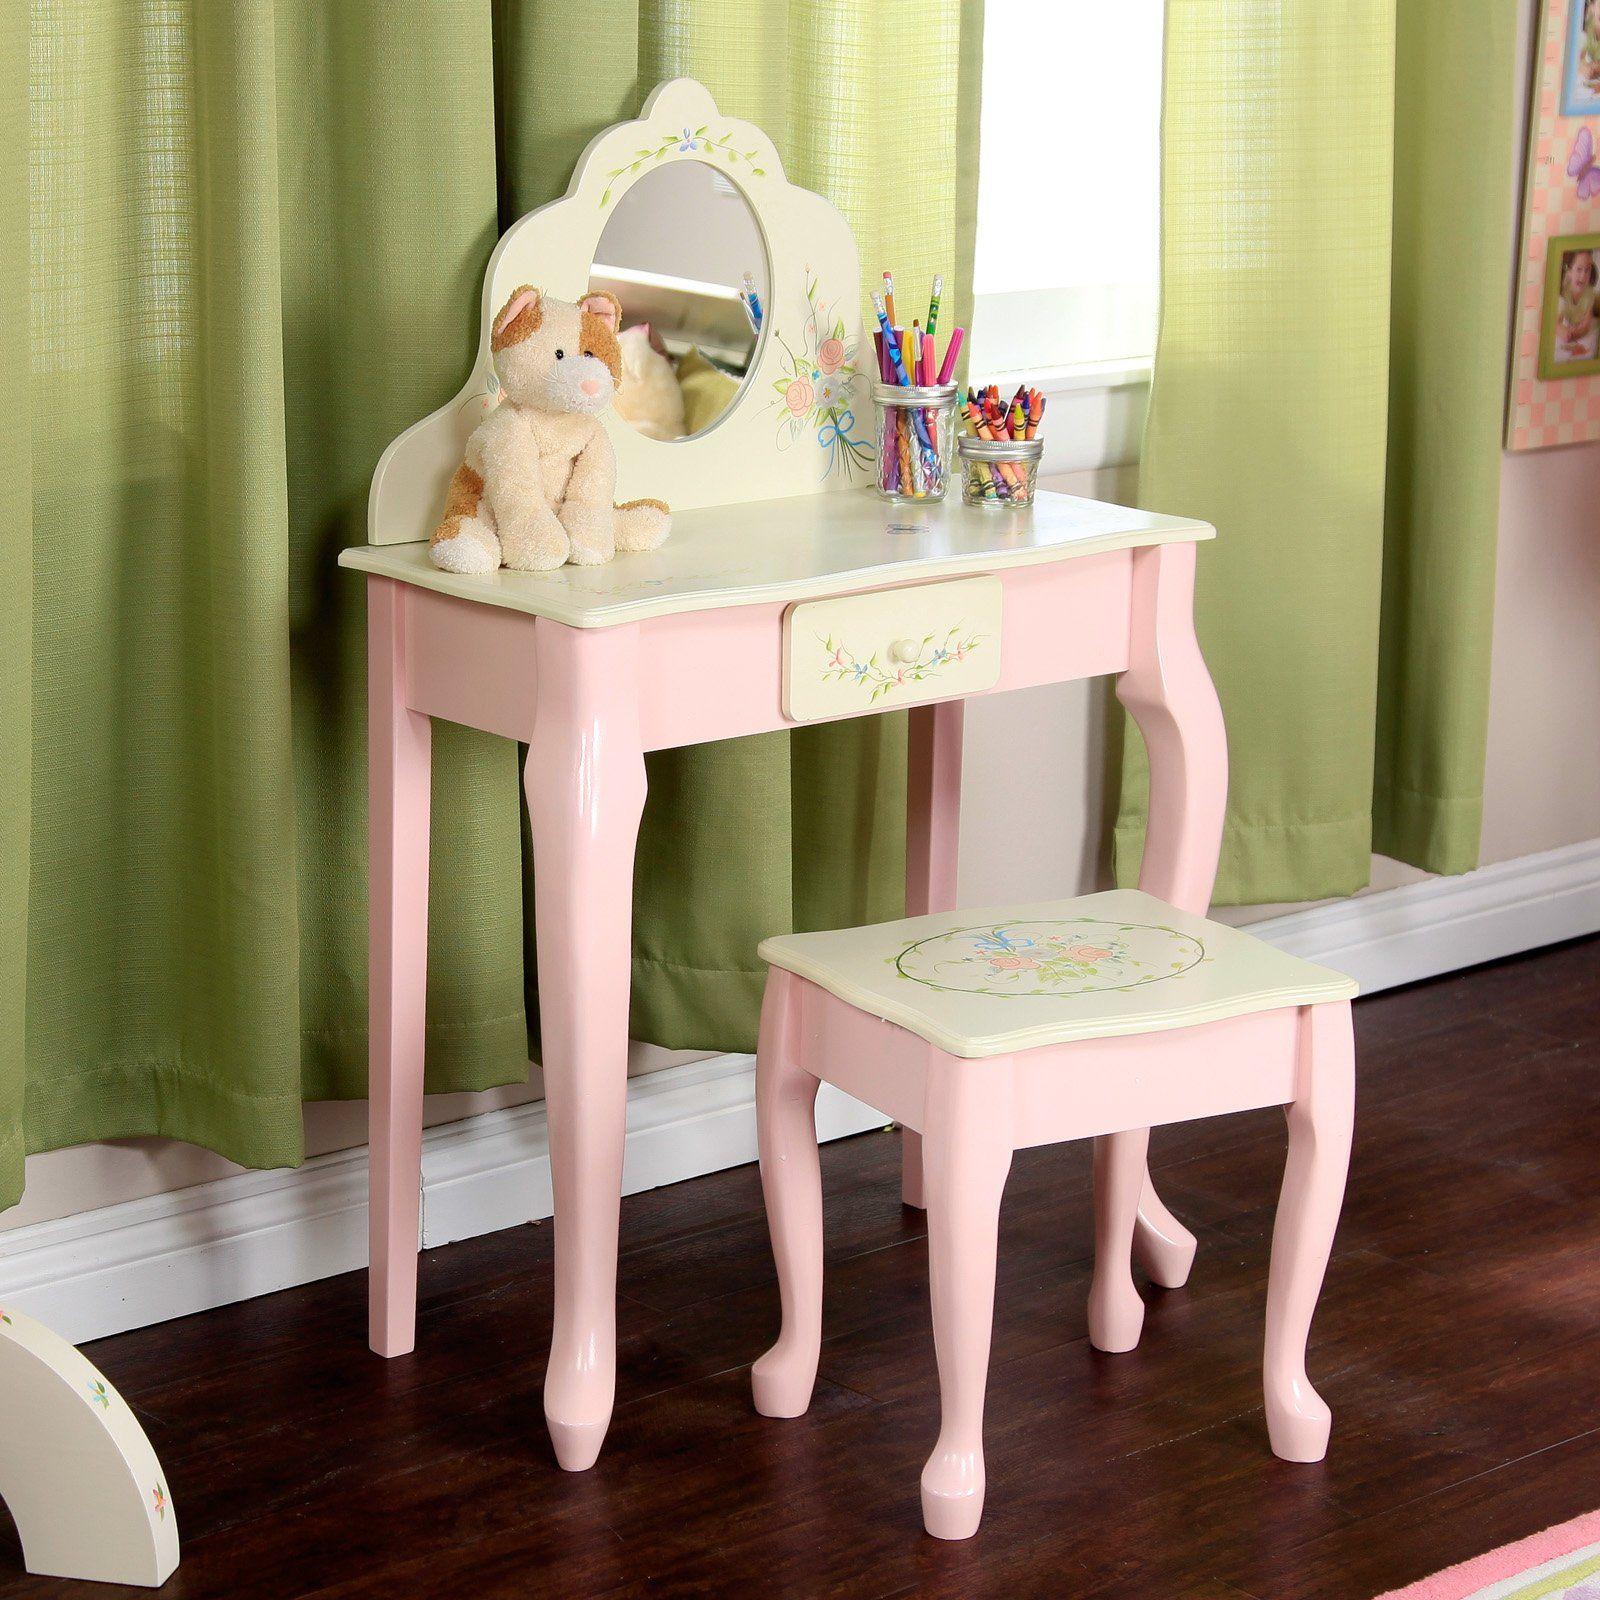 Bedroom Heater Bedroom Sets Mirror Youth Bedroom Sets For Boys Girly Bedroom Door Signs: Teamson Kids Bouquet Girls Oval Mirror Bedroom Vanity